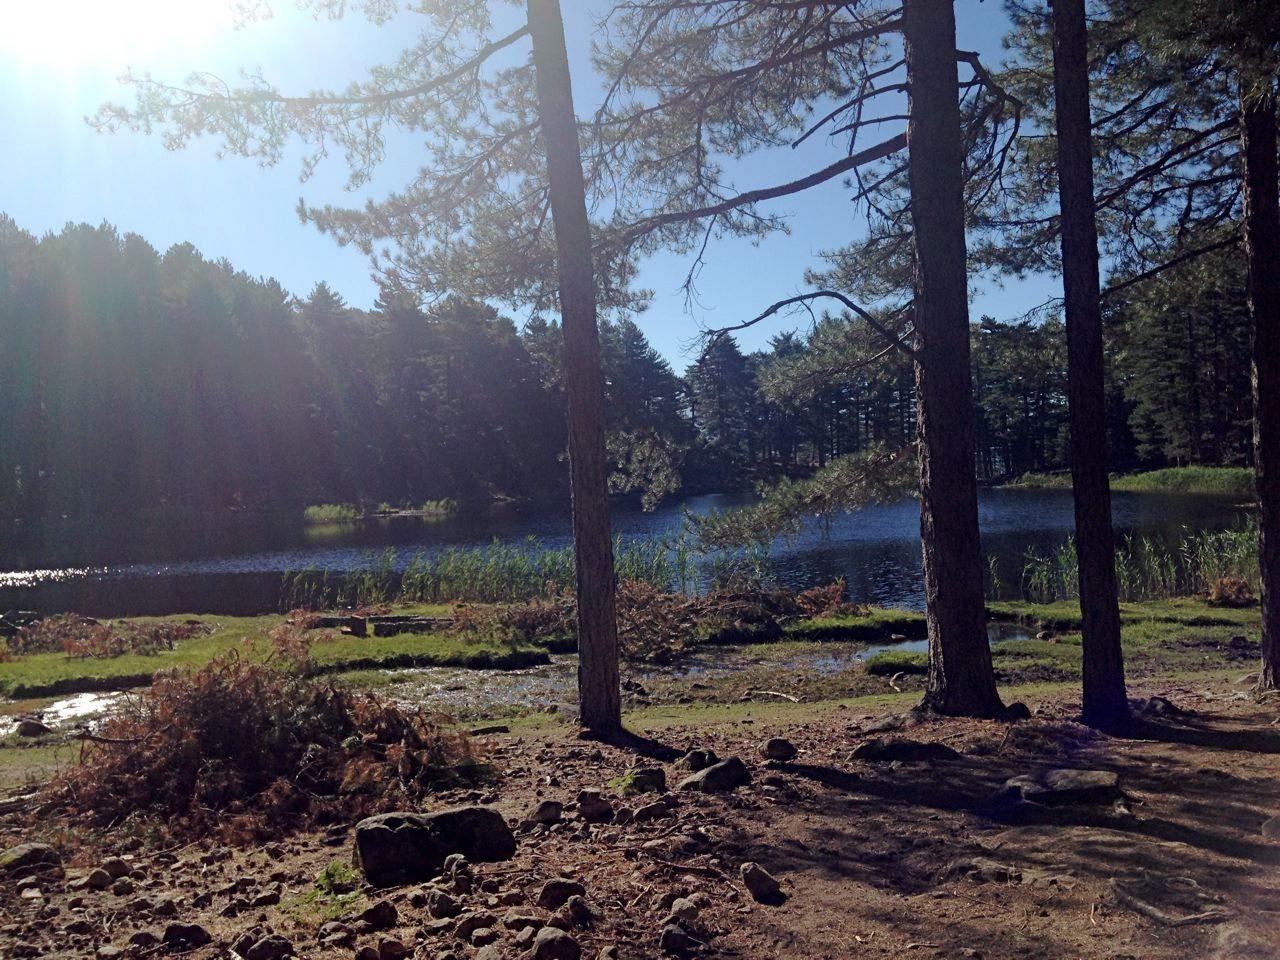 Le triste et effrayant lac de Creno vu par l'abbé Galletti